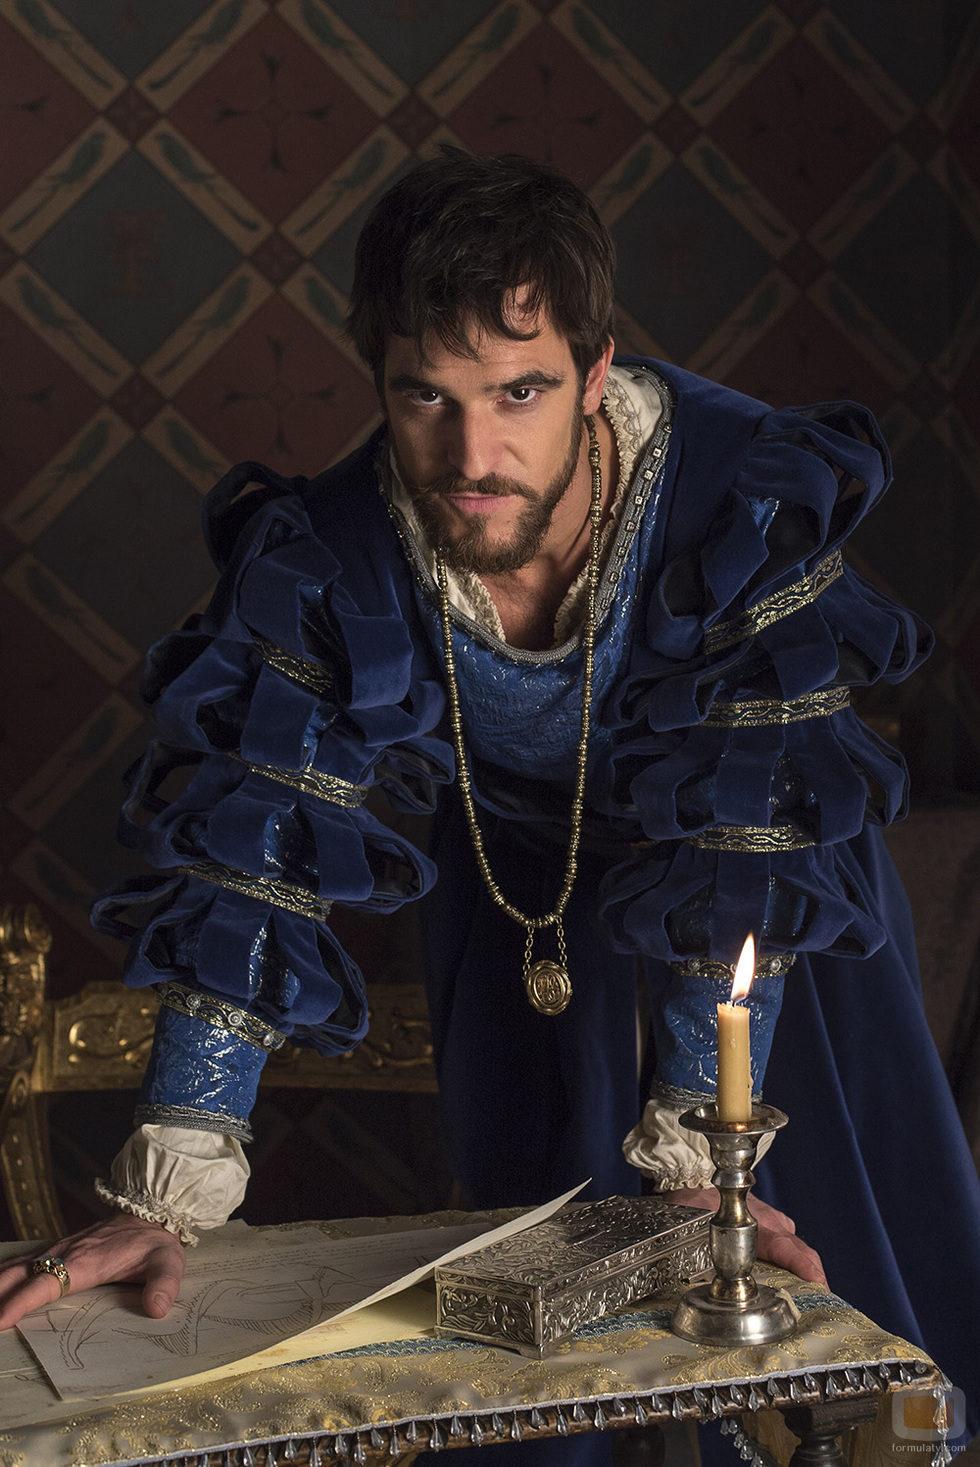 Francisco I    Rey de Francia 47573_alfonso-bassave-francisco-i-francia-carlos-rey-emperador